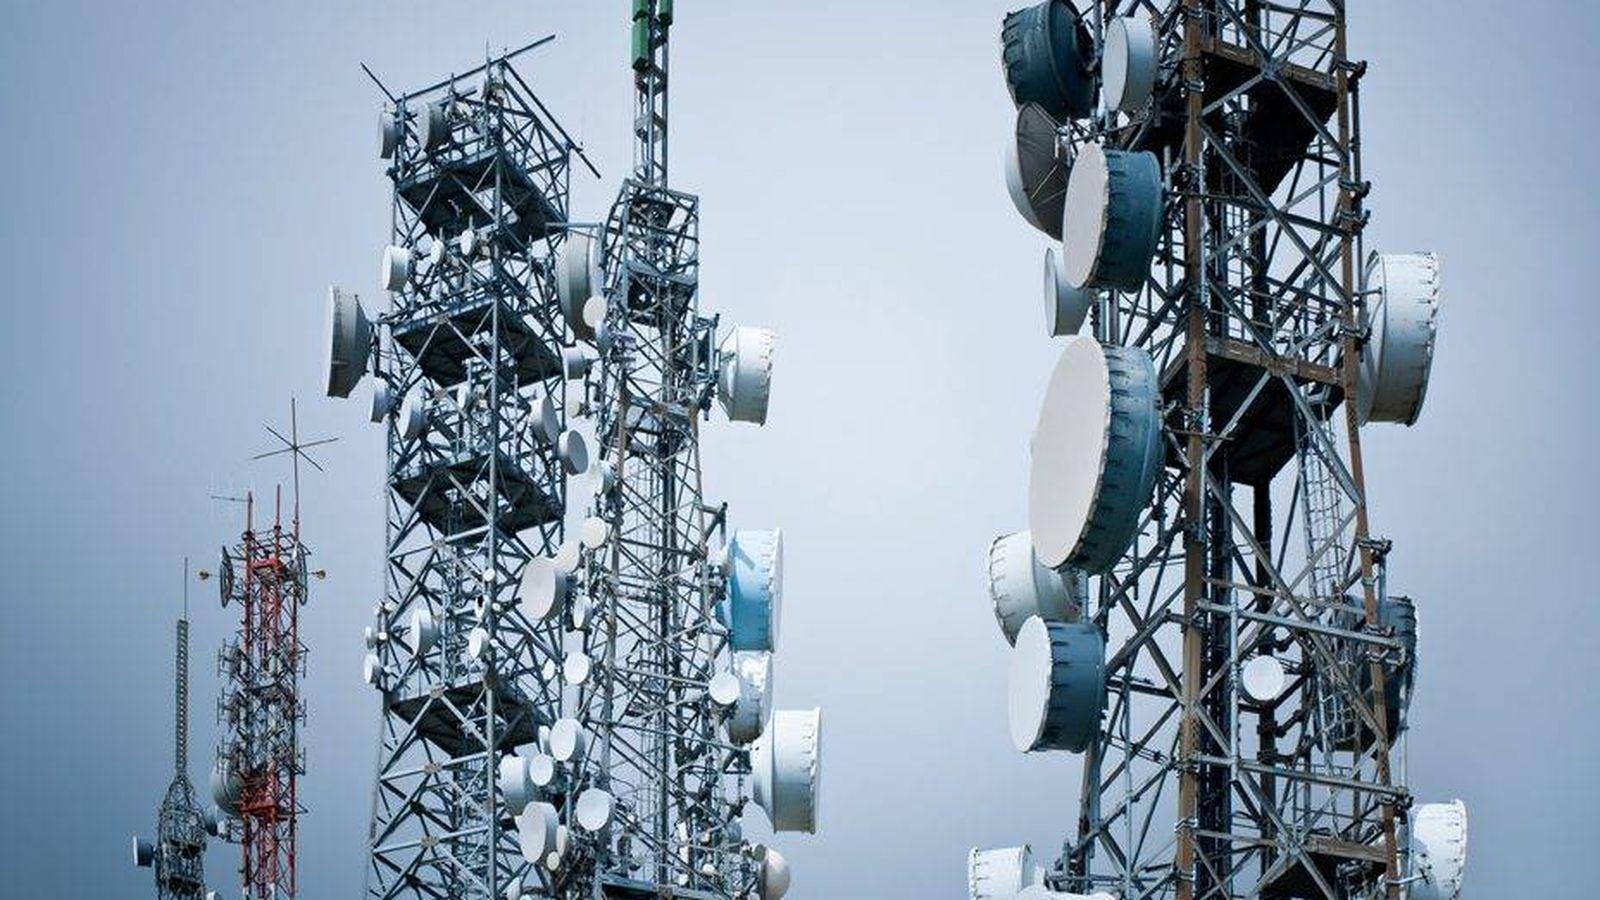 Foto: Infraestructuras de telecomunicaciones